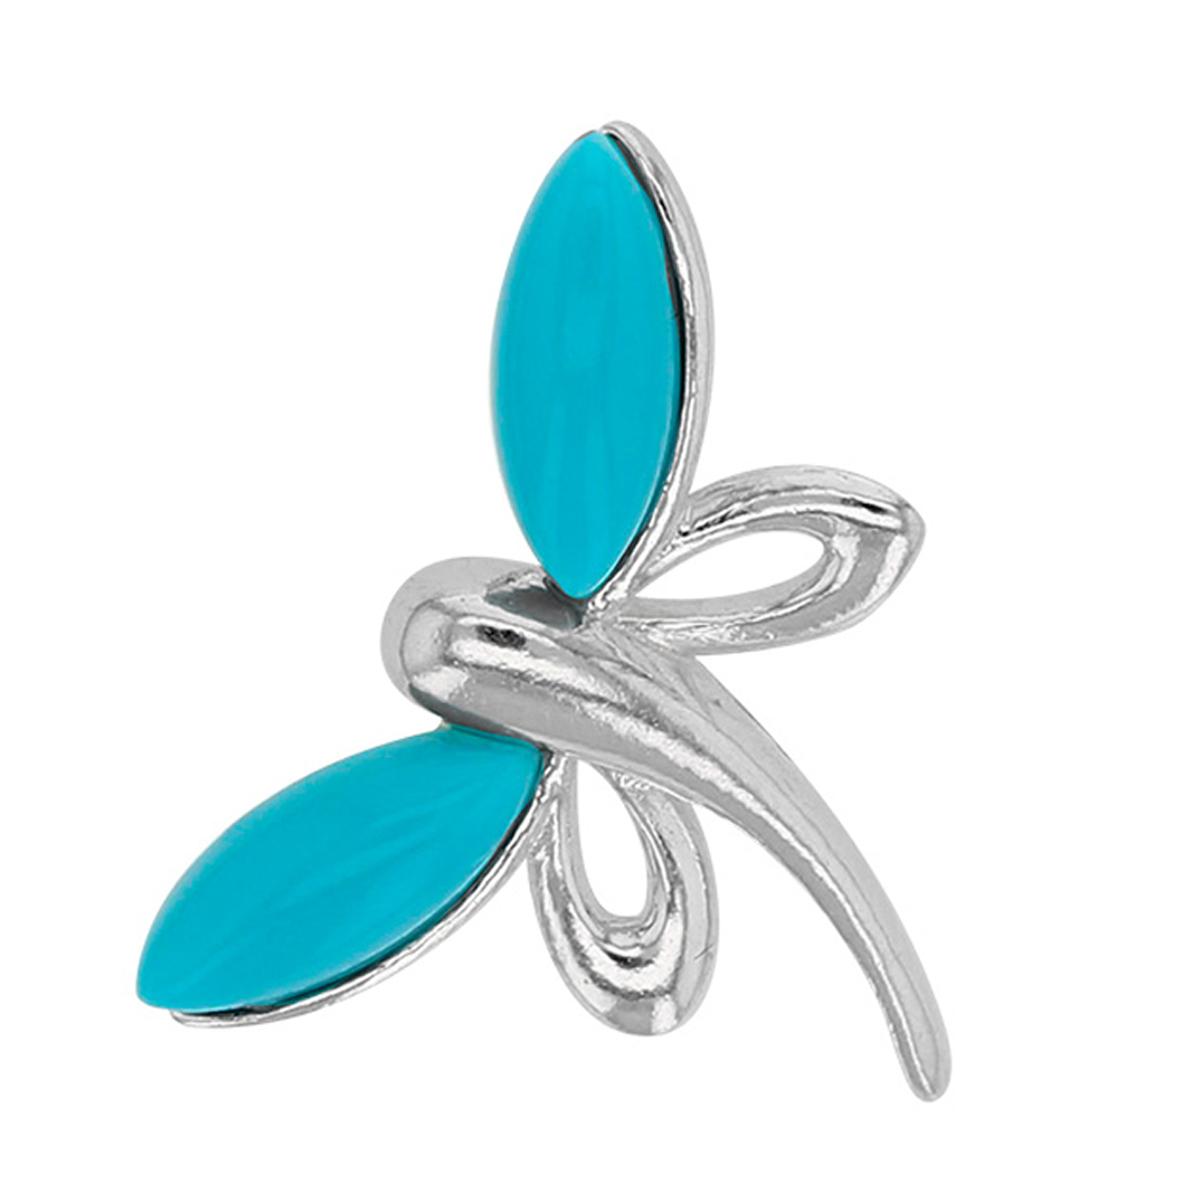 Pendentif Argent \'Libellules\' turquoise argenté (rhodié) - 22x15 mm - [Q0552]